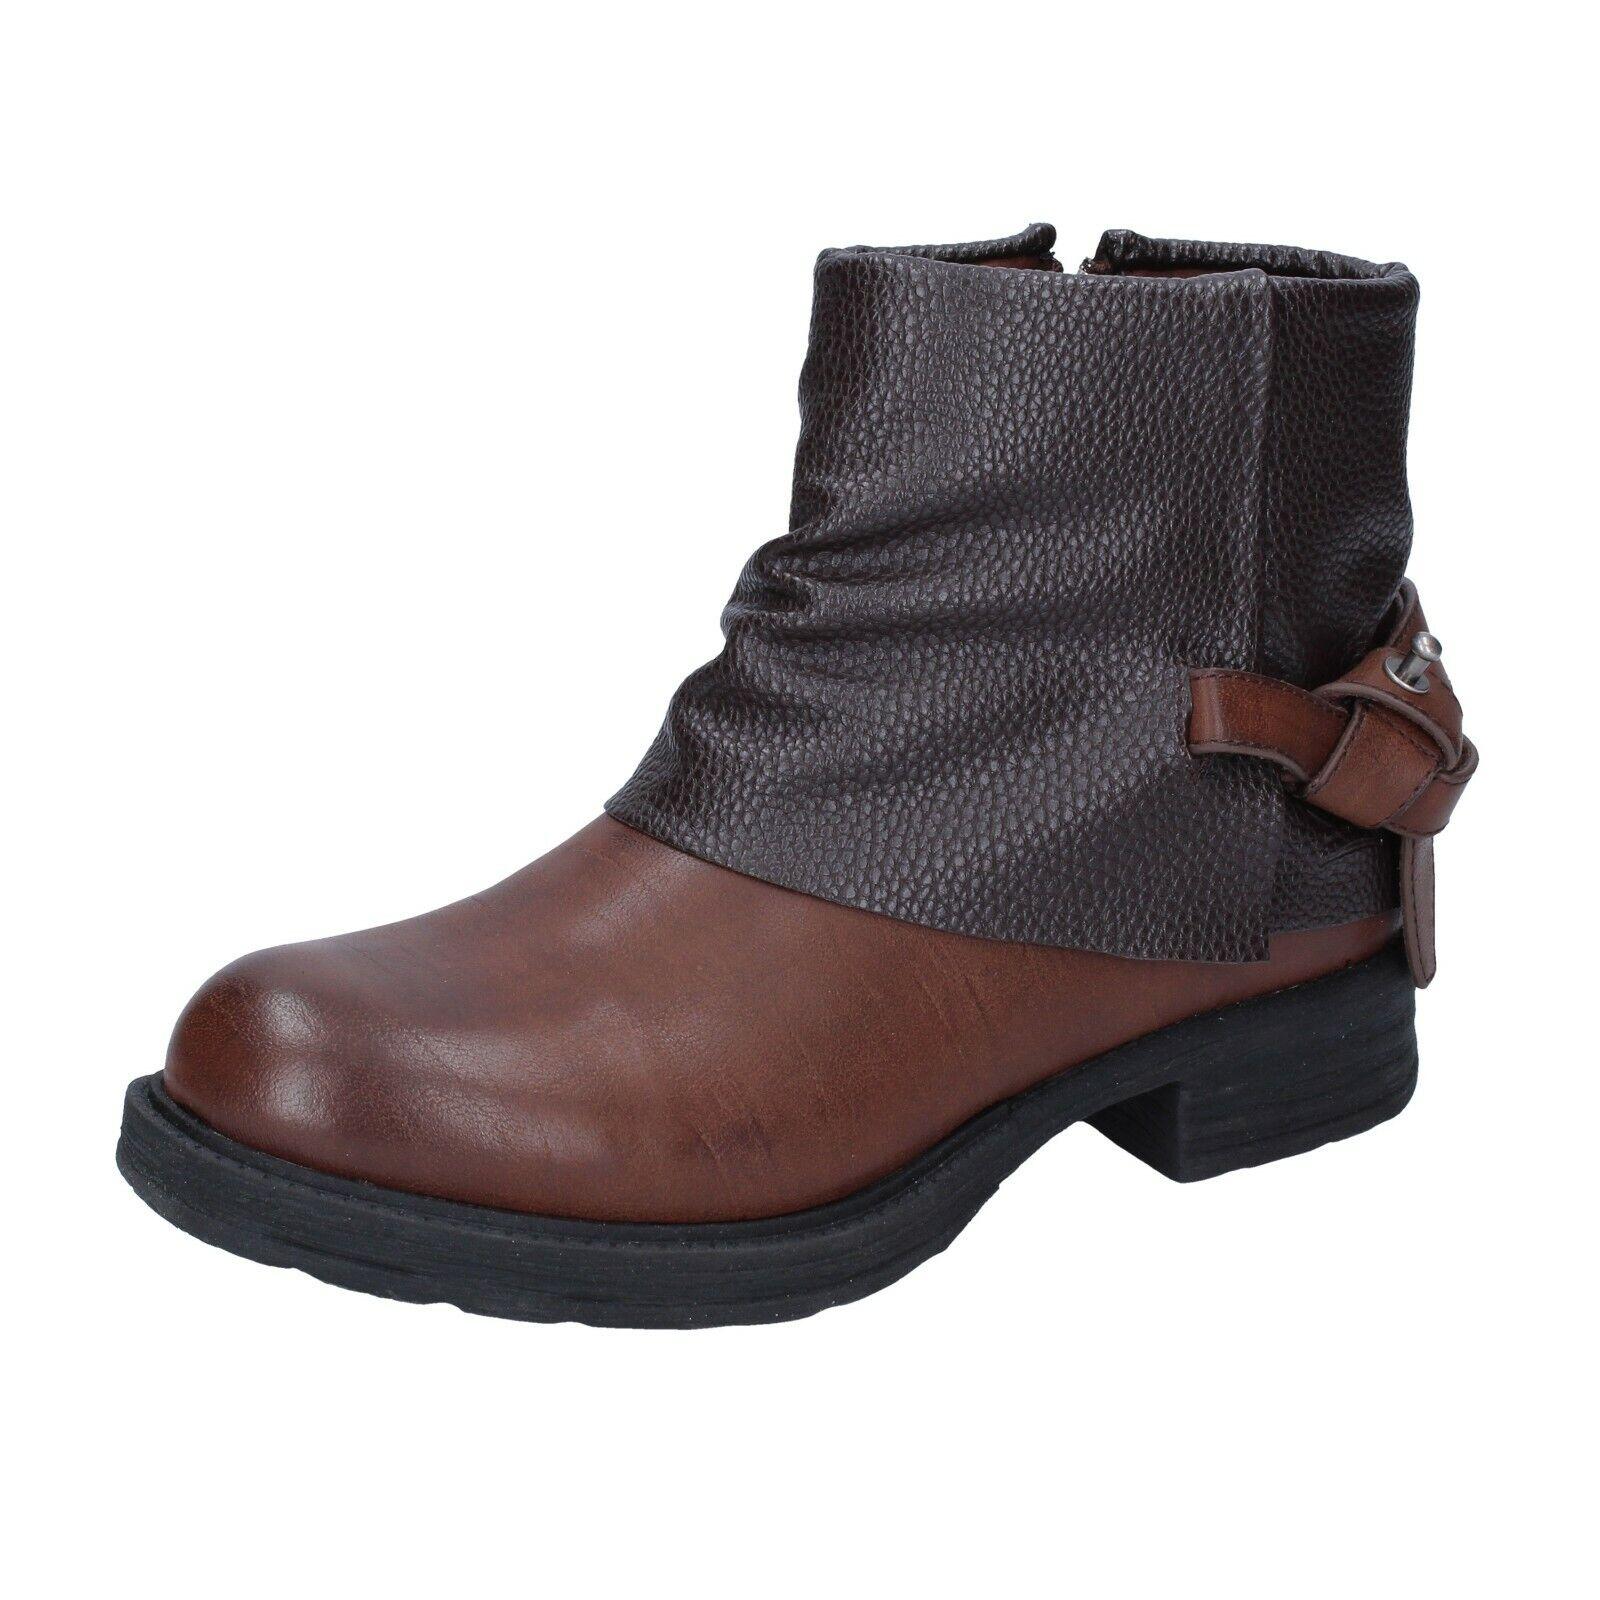 Zapatos señora francesco Milano 37 UE botines de cuero marrón br34-37